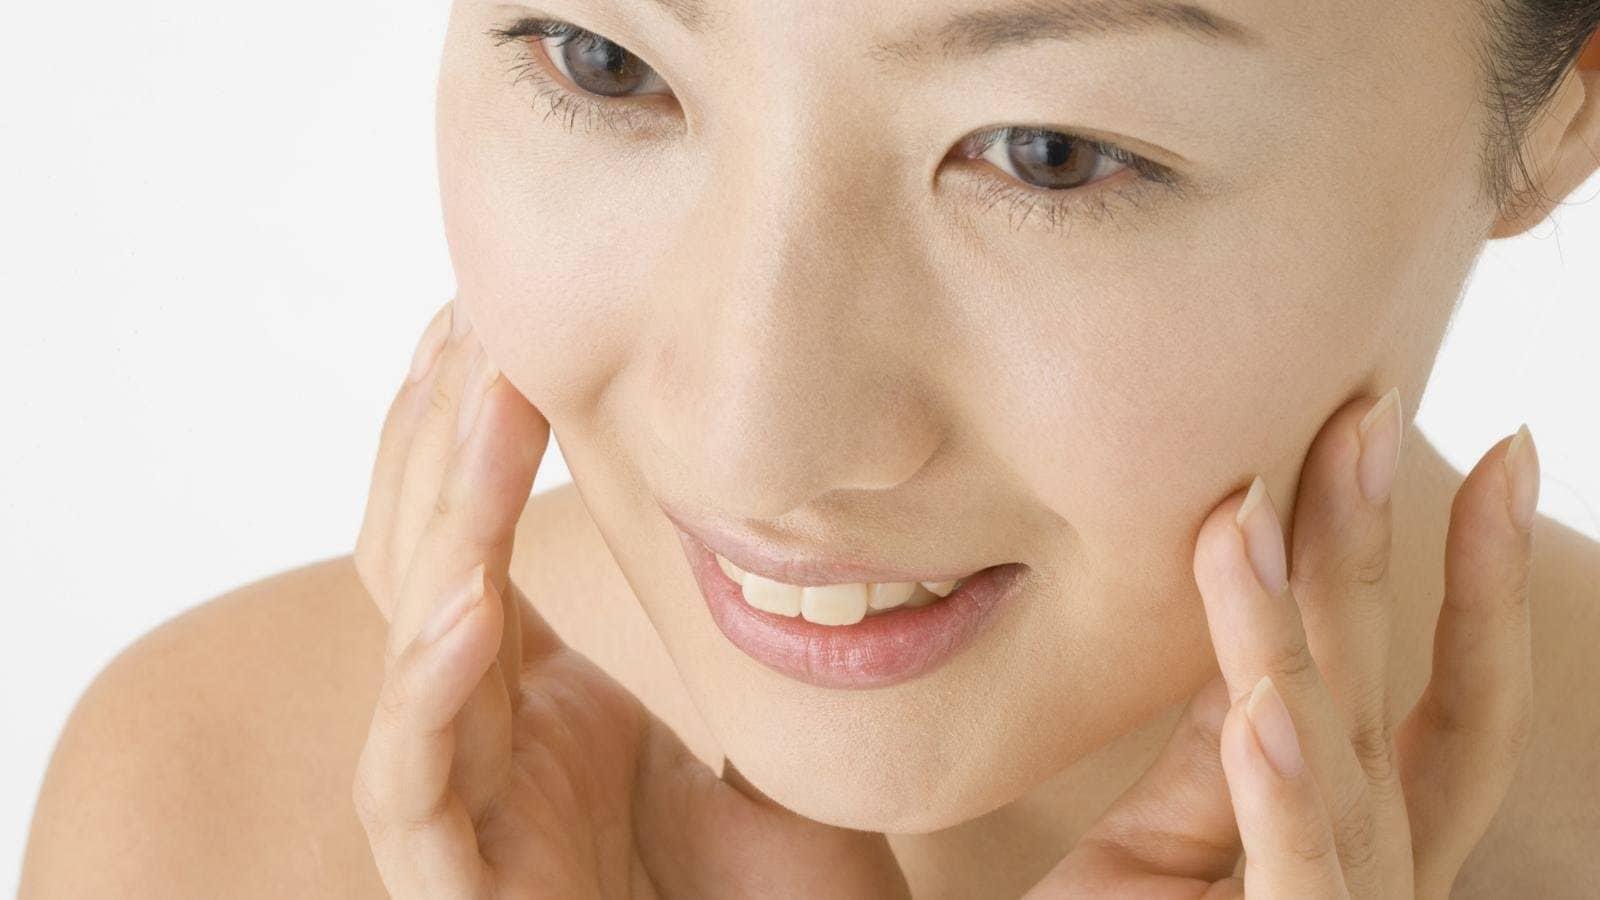 Da bạn thuộc tips da khô hay da mất nước? Bài viết này sẽ chỉ ra những thắc mắc giúp bạn.